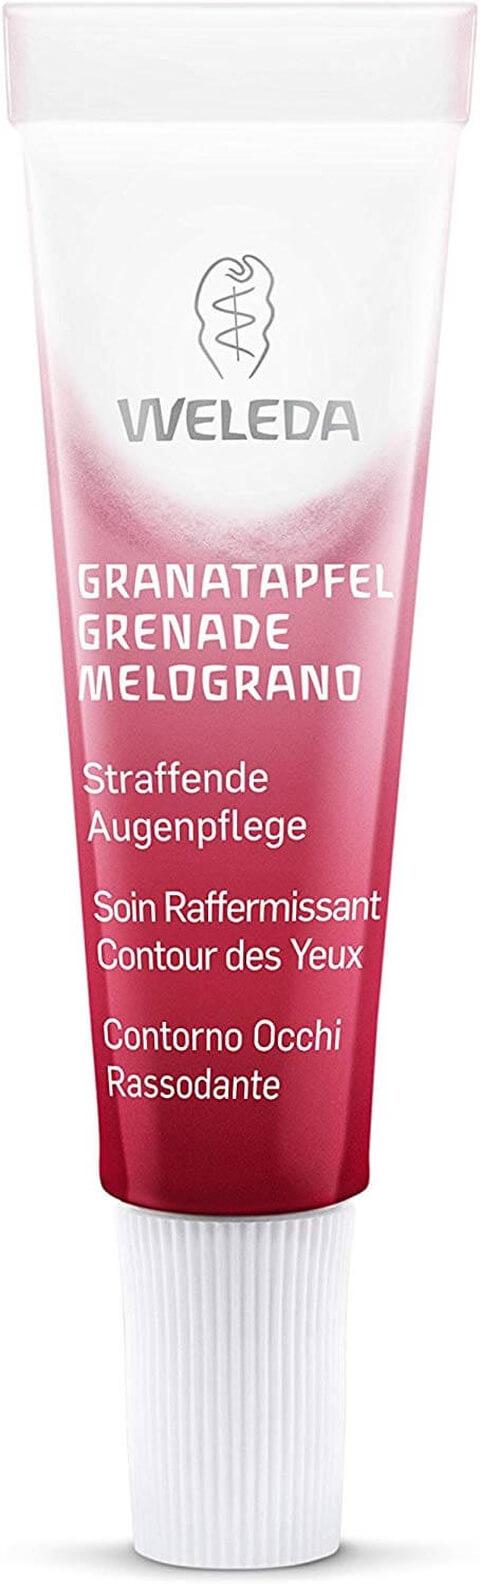 merograno-cream